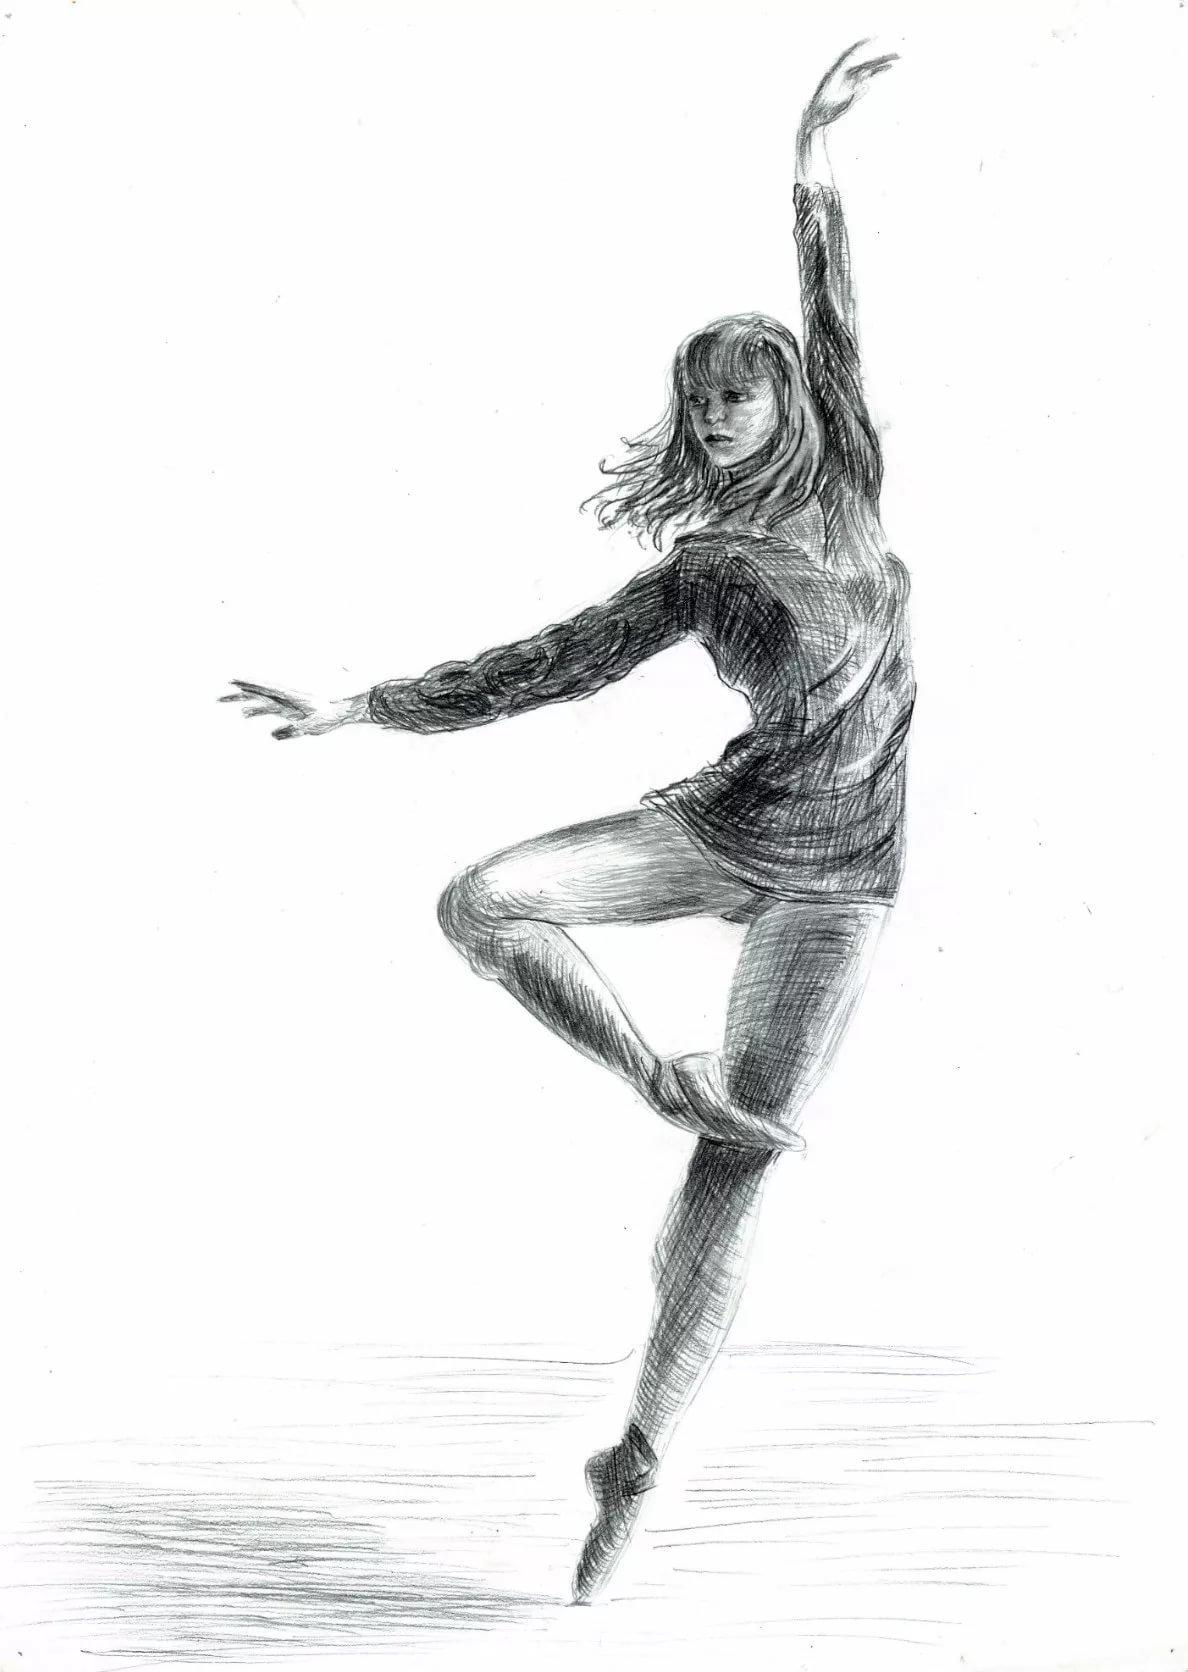 танцующий человек картинки карандашом квартиру подай